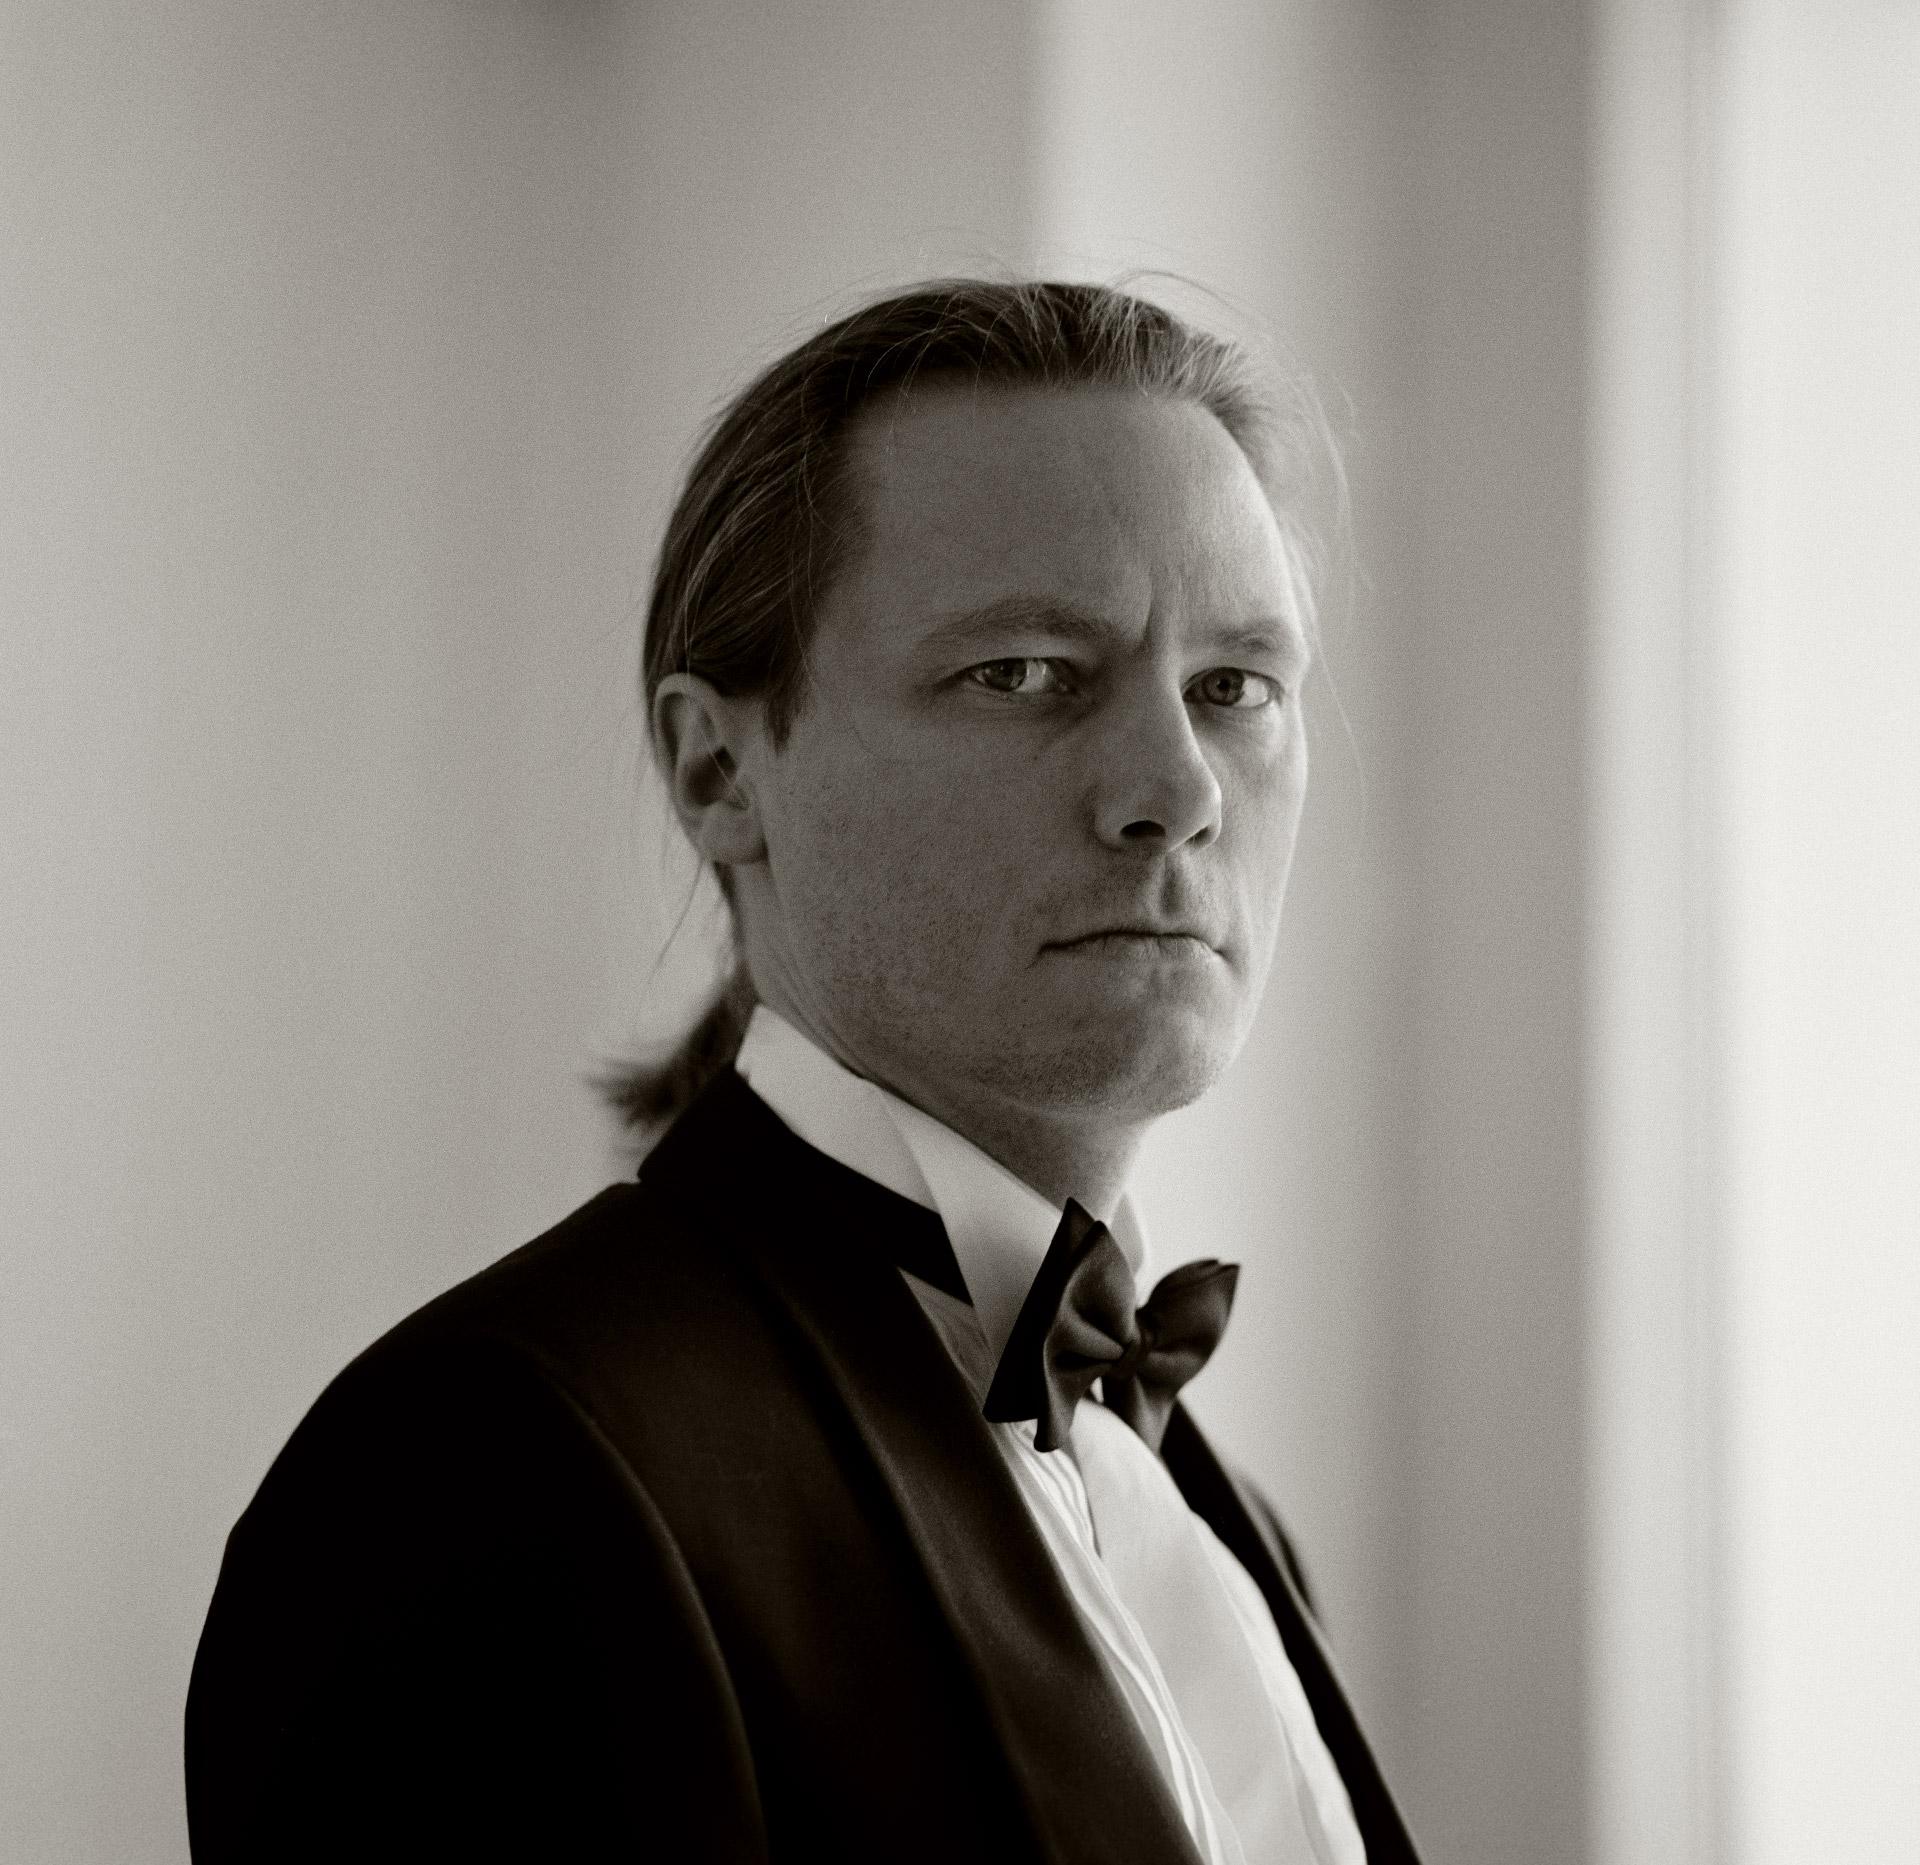 Danish guitarist Mikkel Andersen